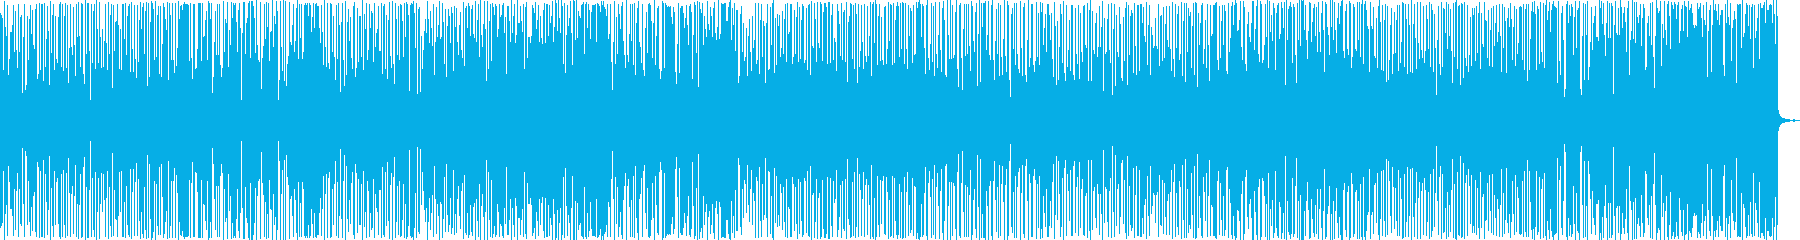 ファンクギターとホーンが光るソウルジャズの再生済みの波形